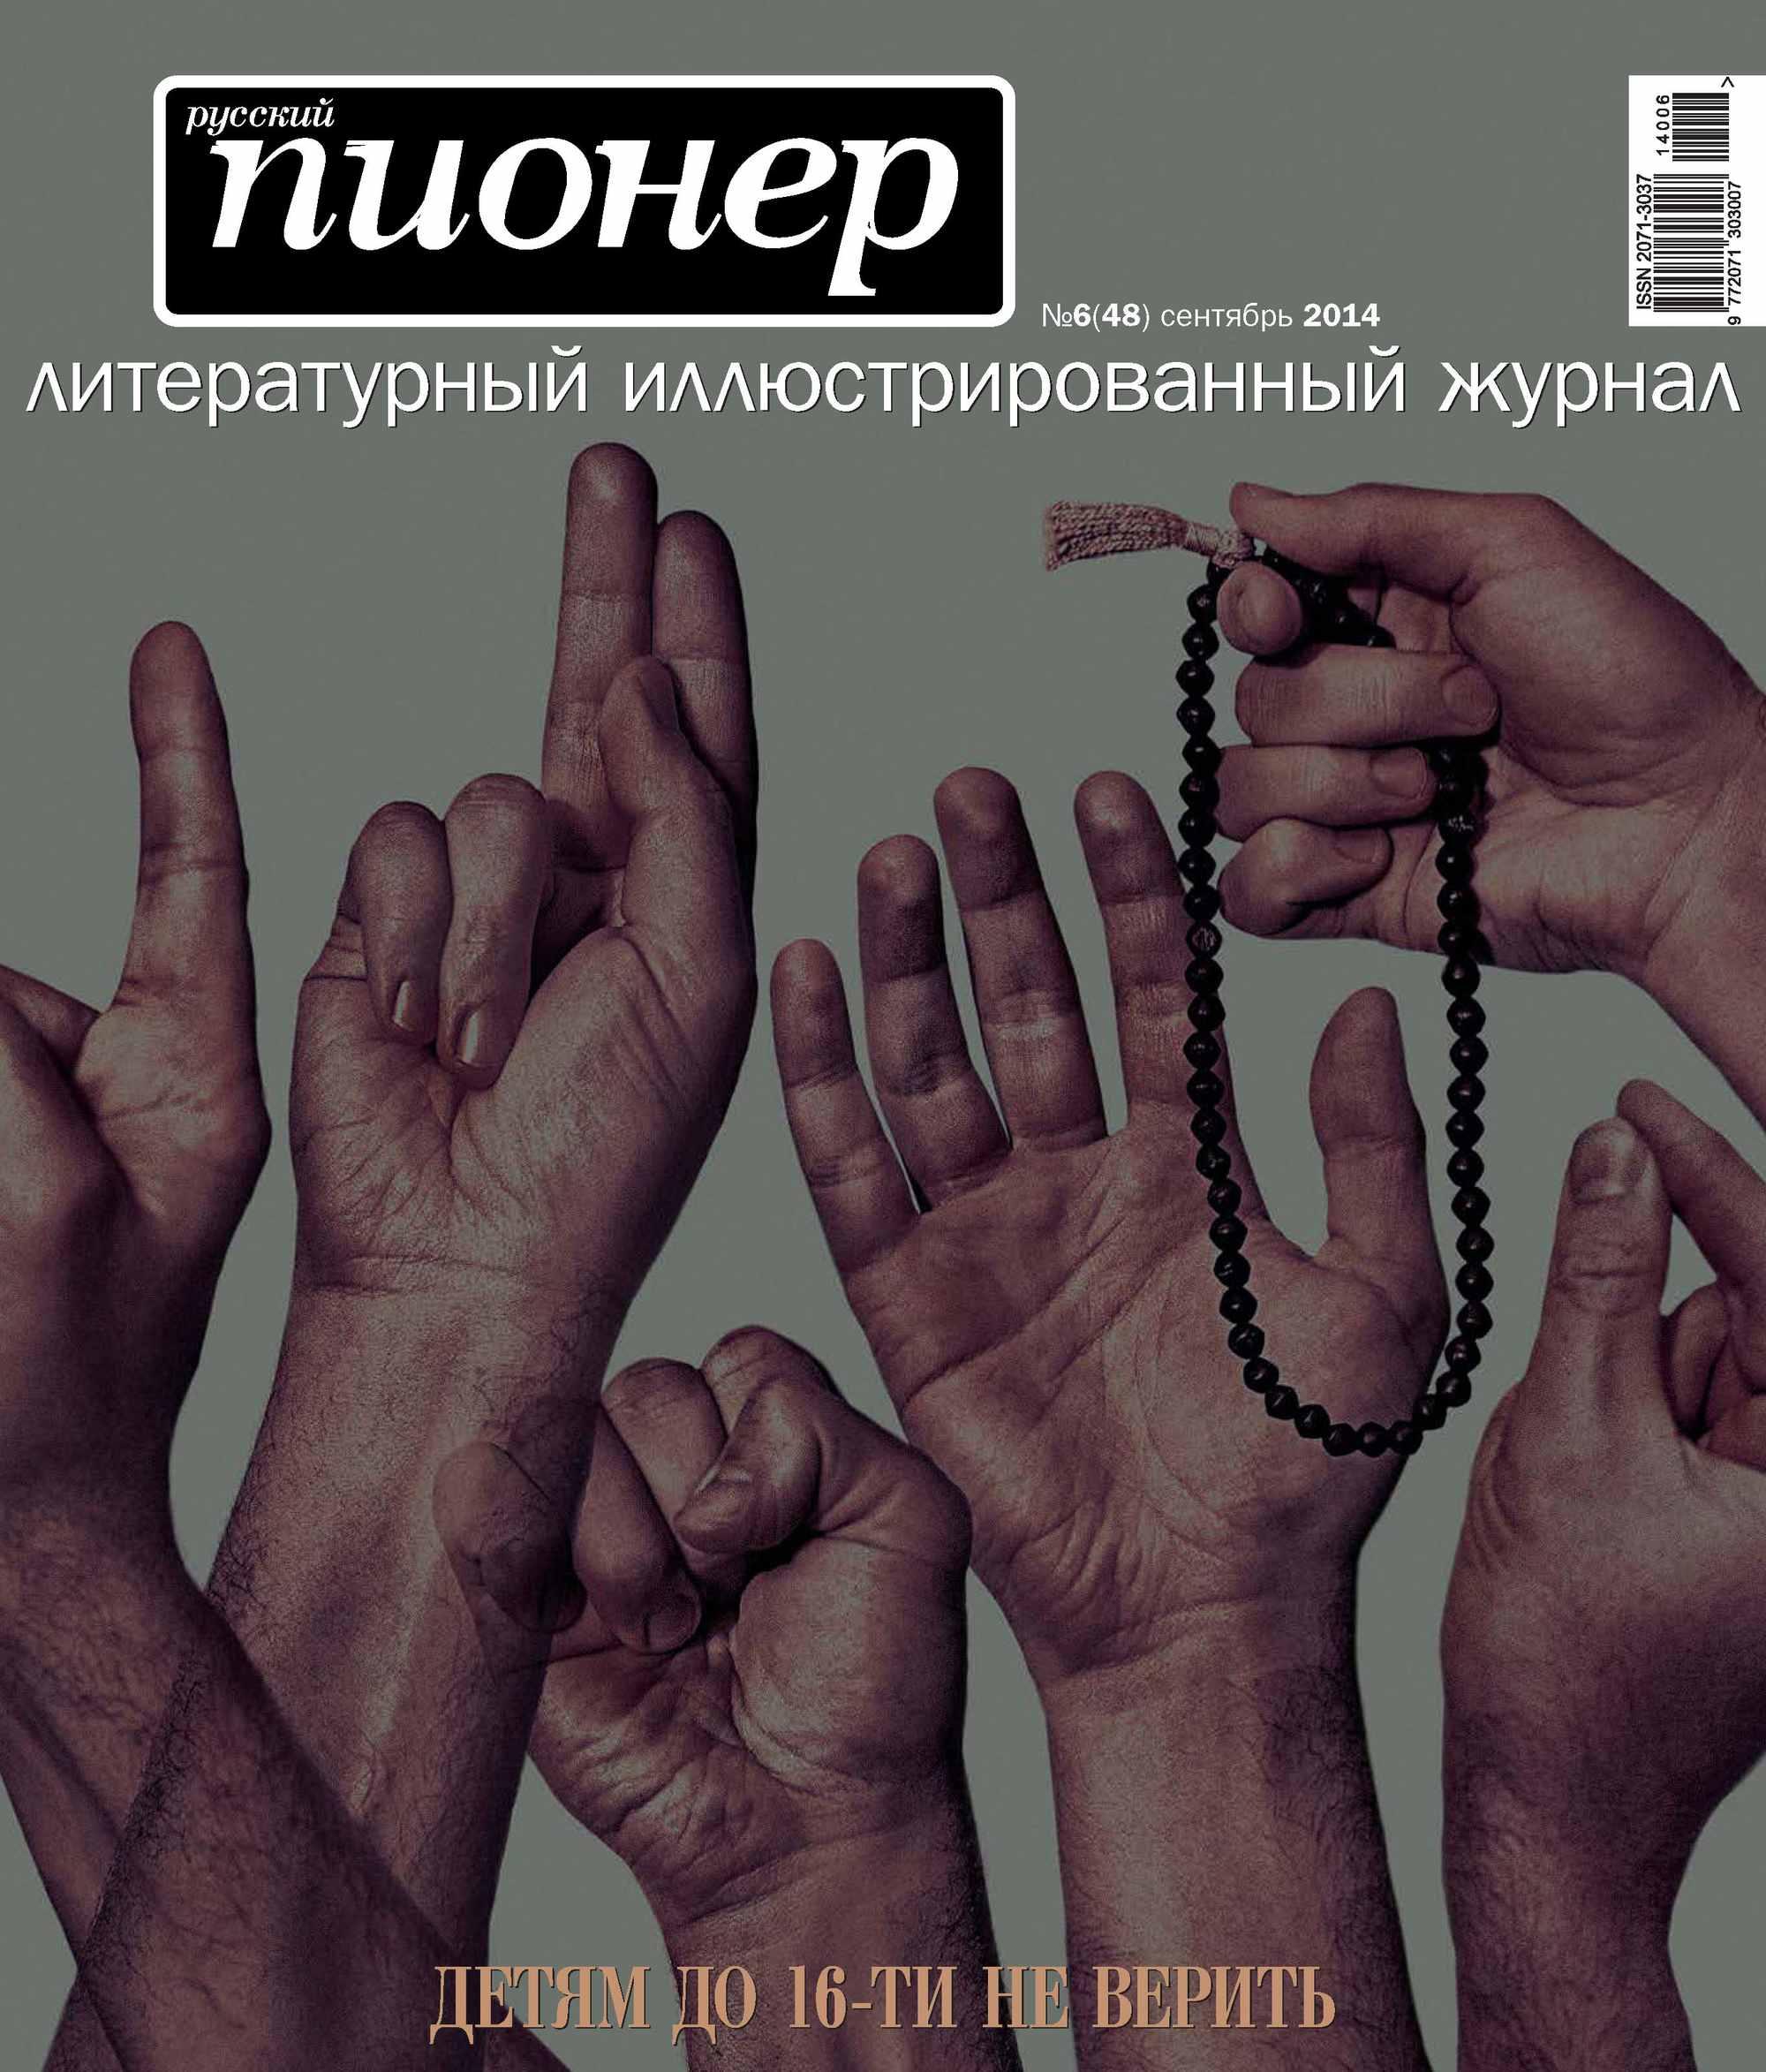 Русский пионер №6 (48), сентябрь 2014